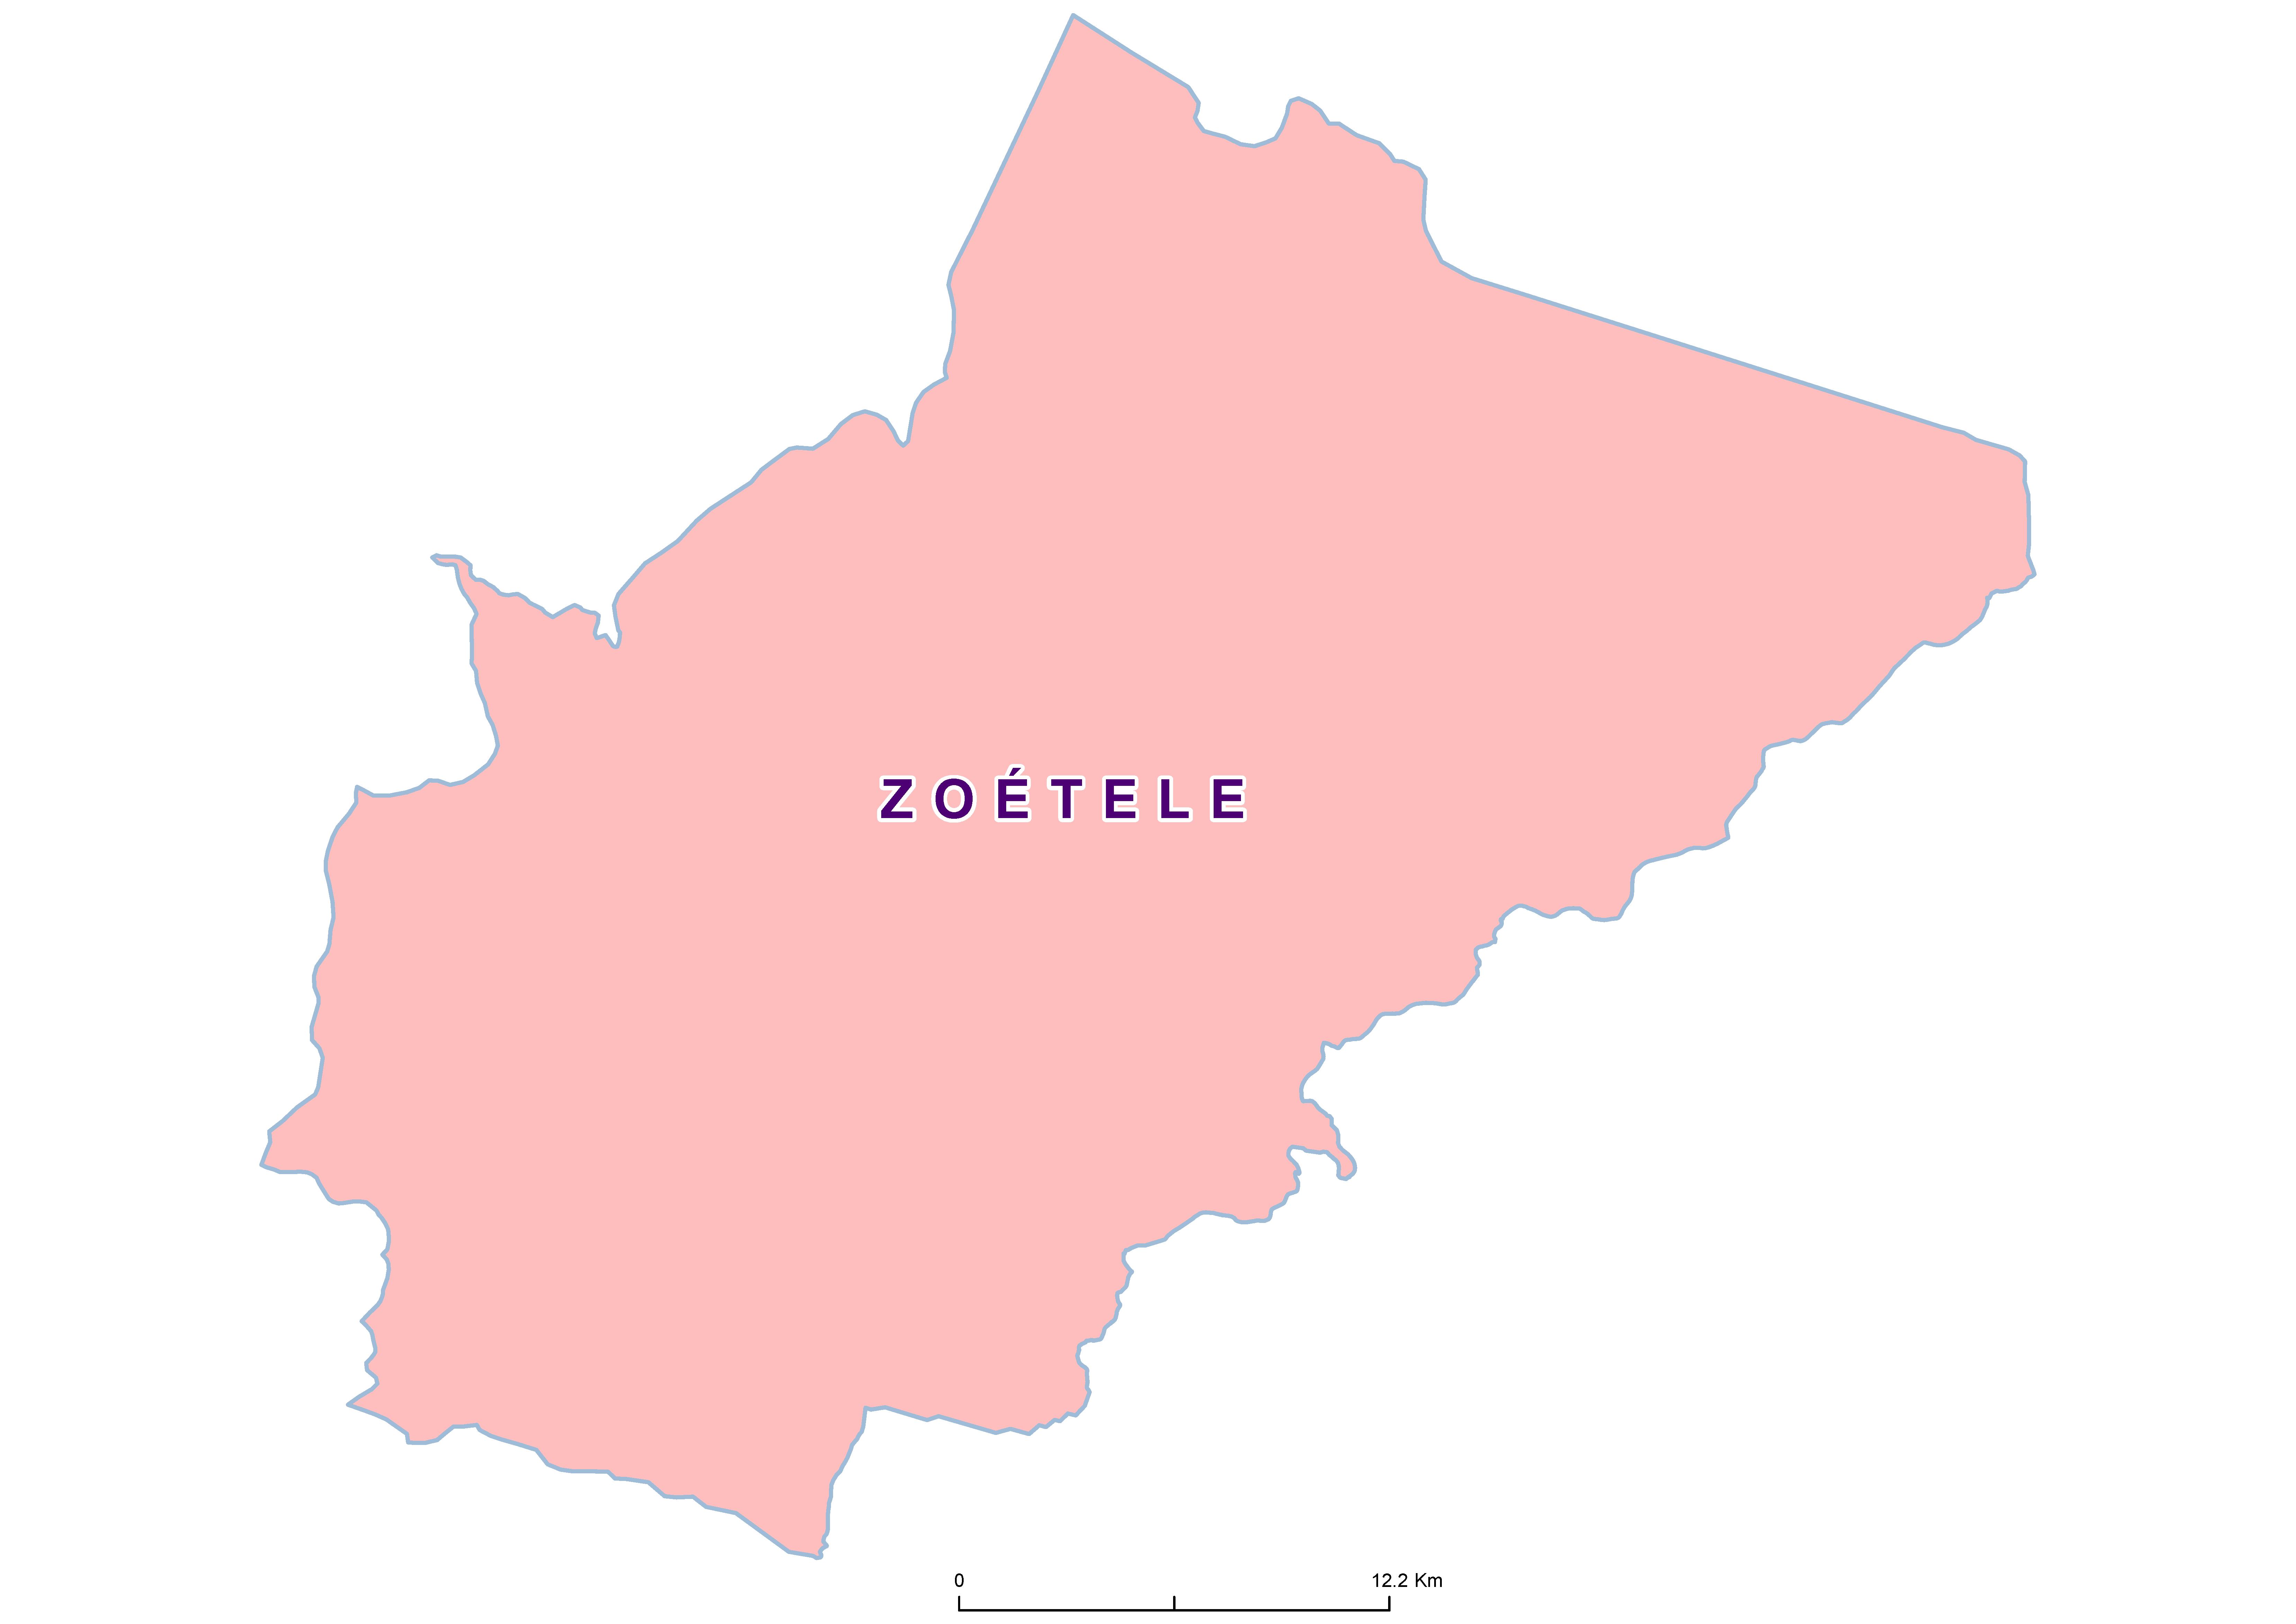 Zoétele Mean SCH 19850001